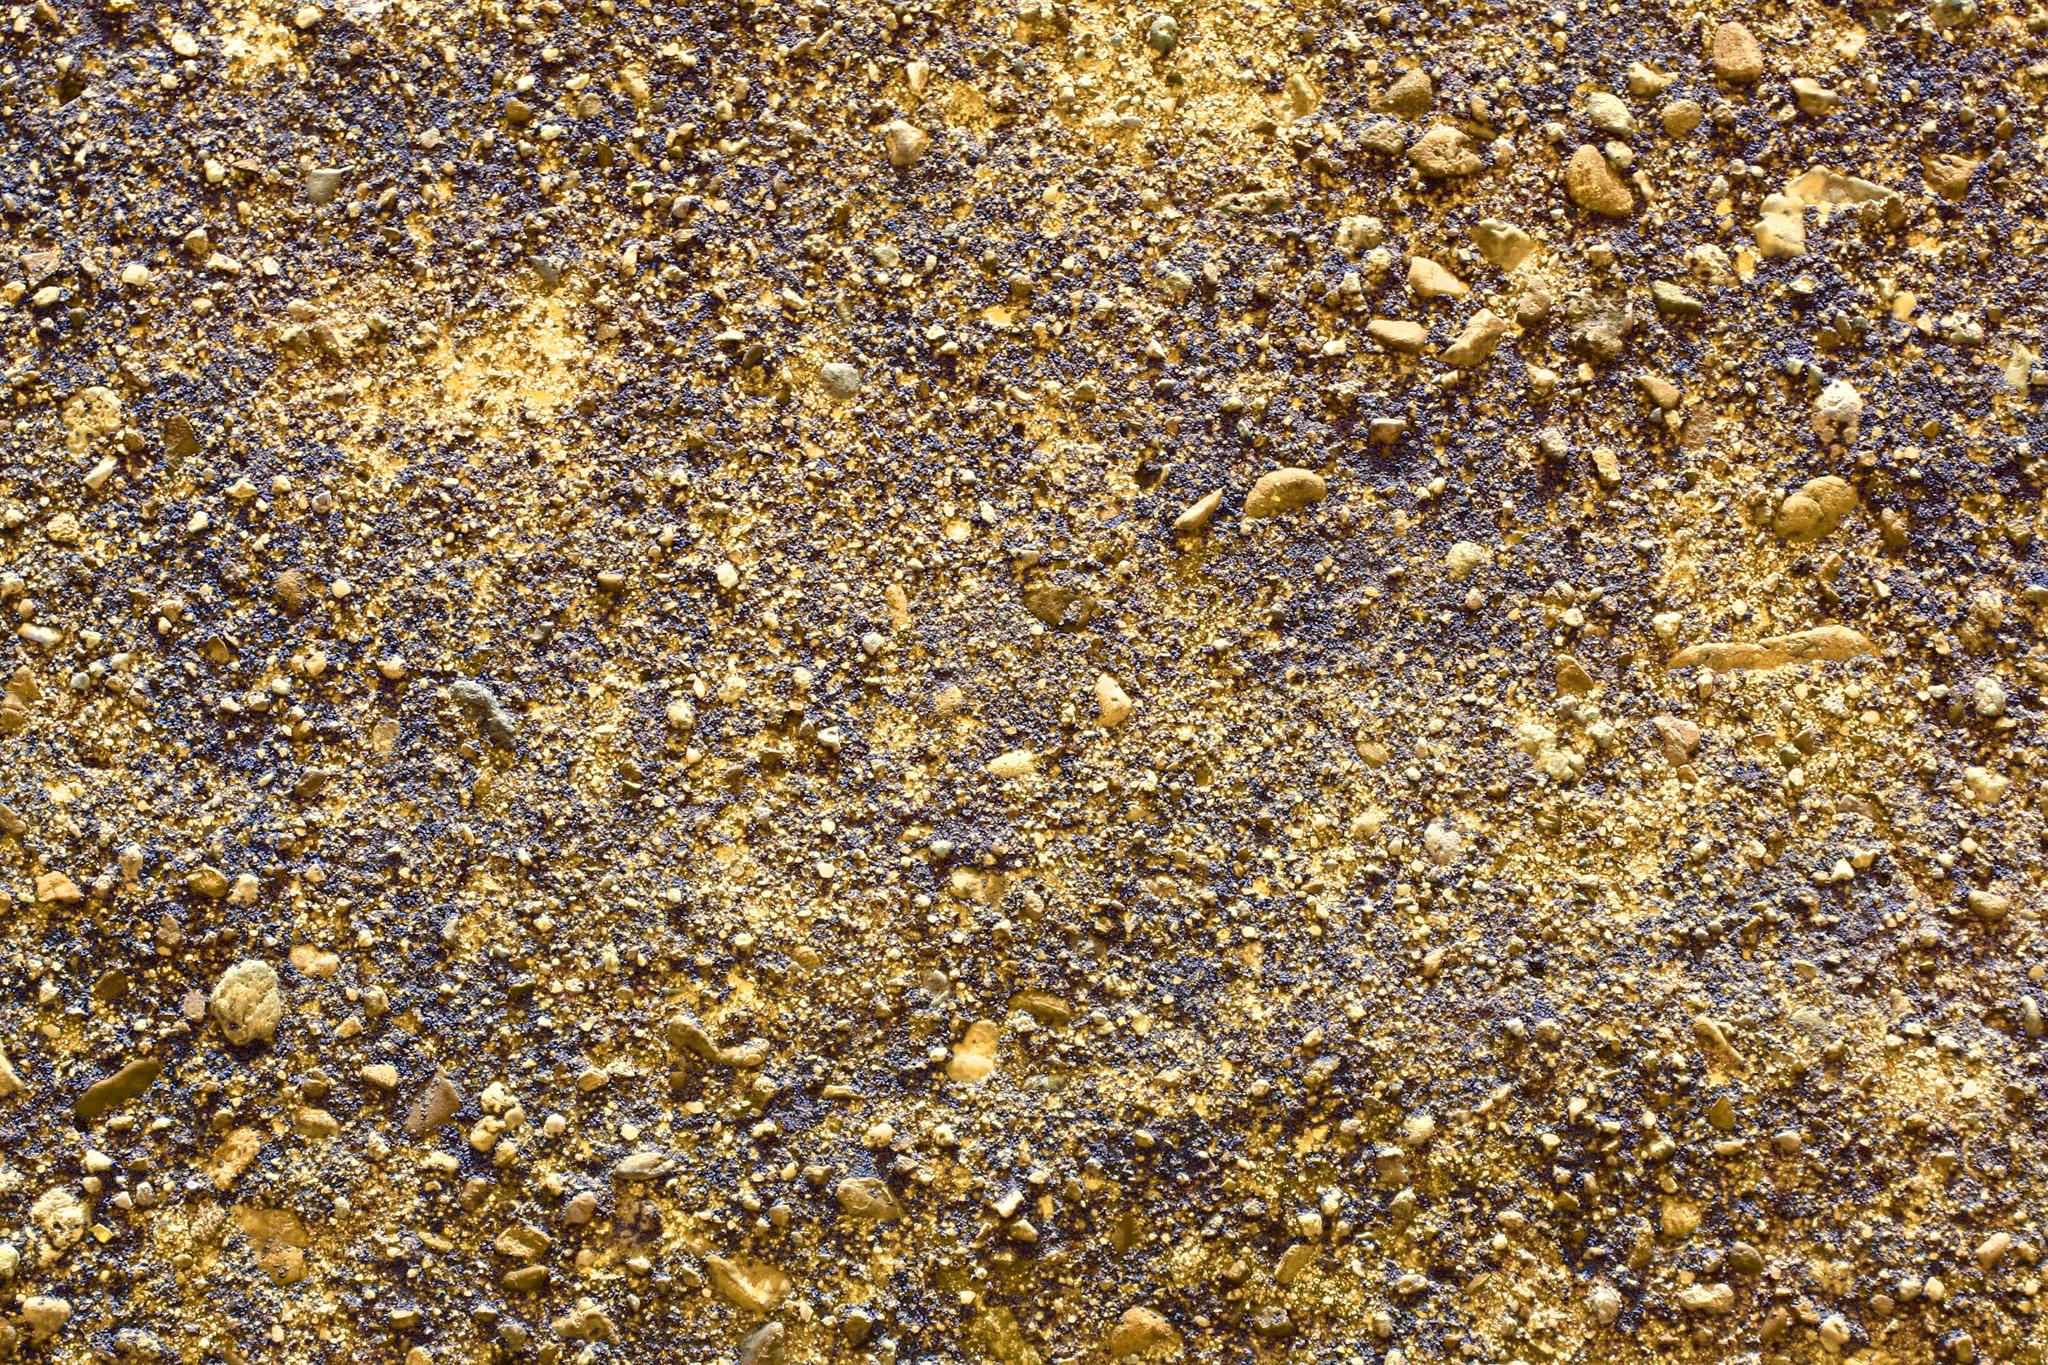 「ゴールドの砂利のようなテクスチャ」